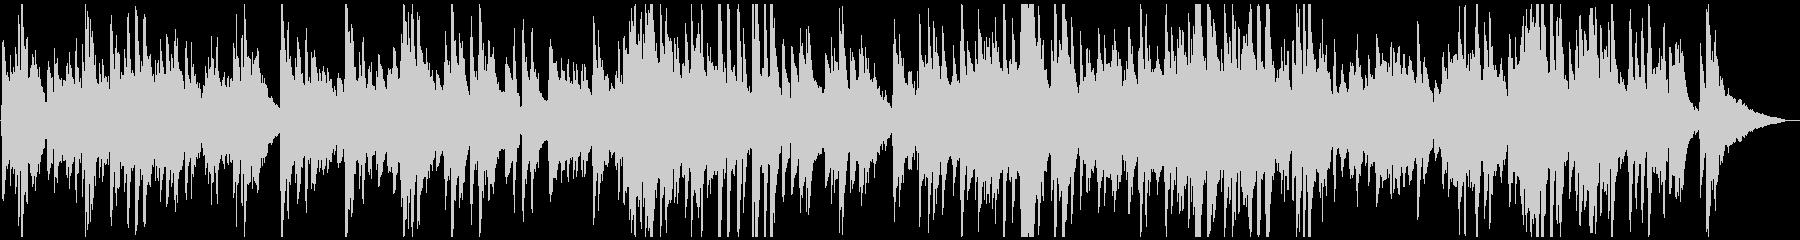 カフェ・旅・映像 ゆったりジャズ風ピアノの未再生の波形